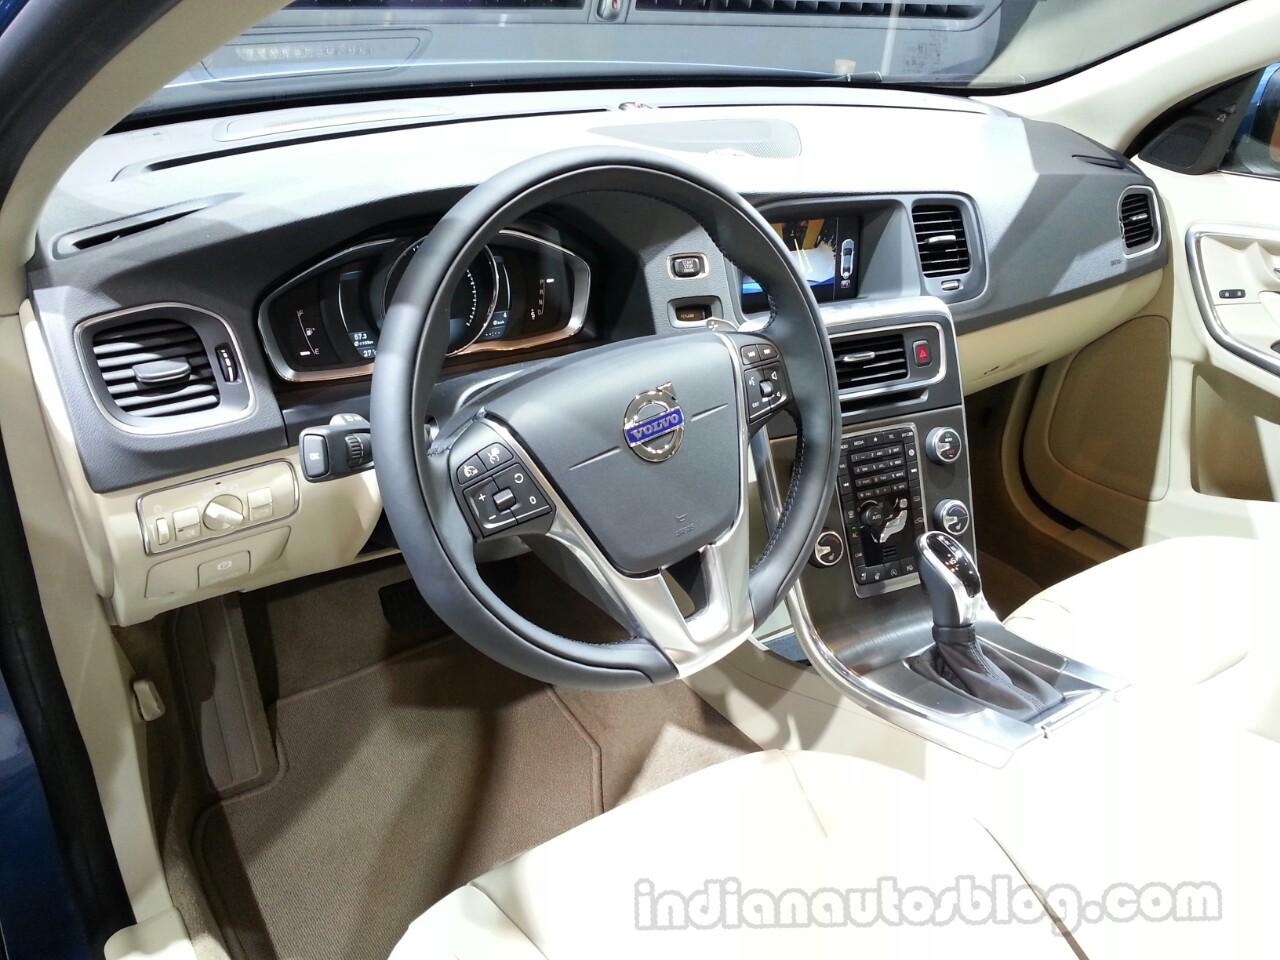 Updates Volvo S60 Dashboard